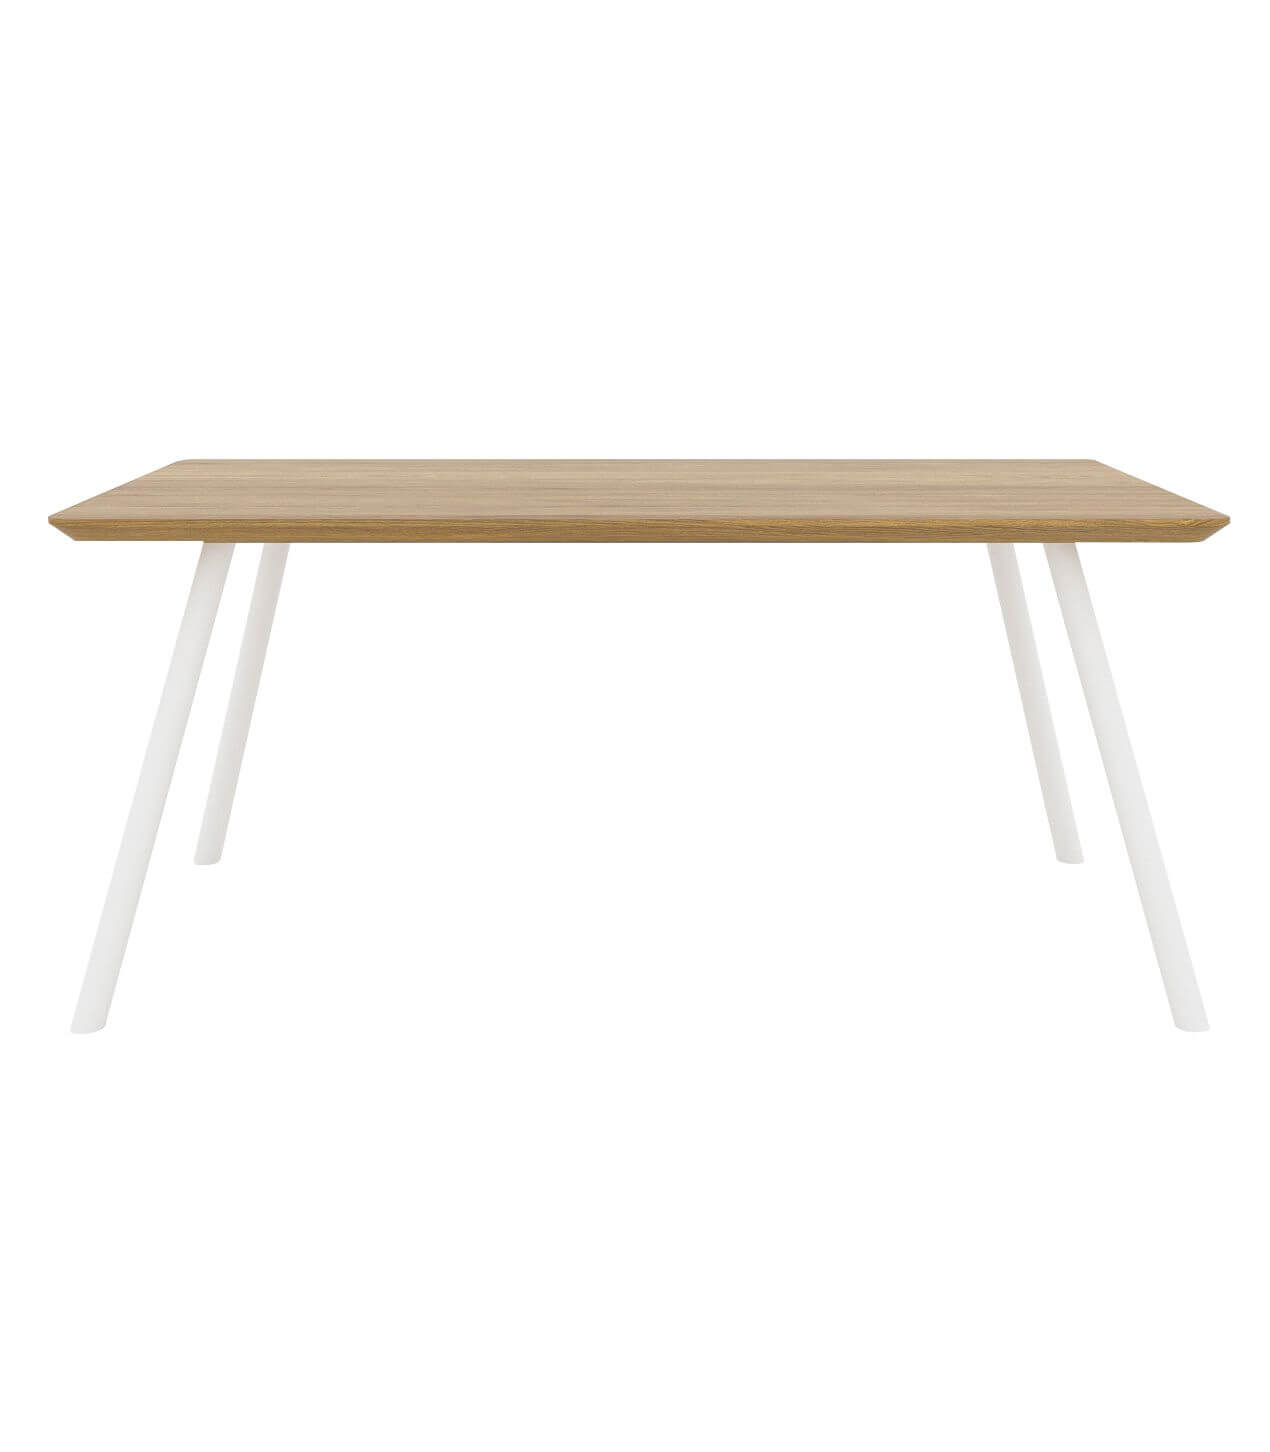 geometryczny stół mezzo - take me HOME